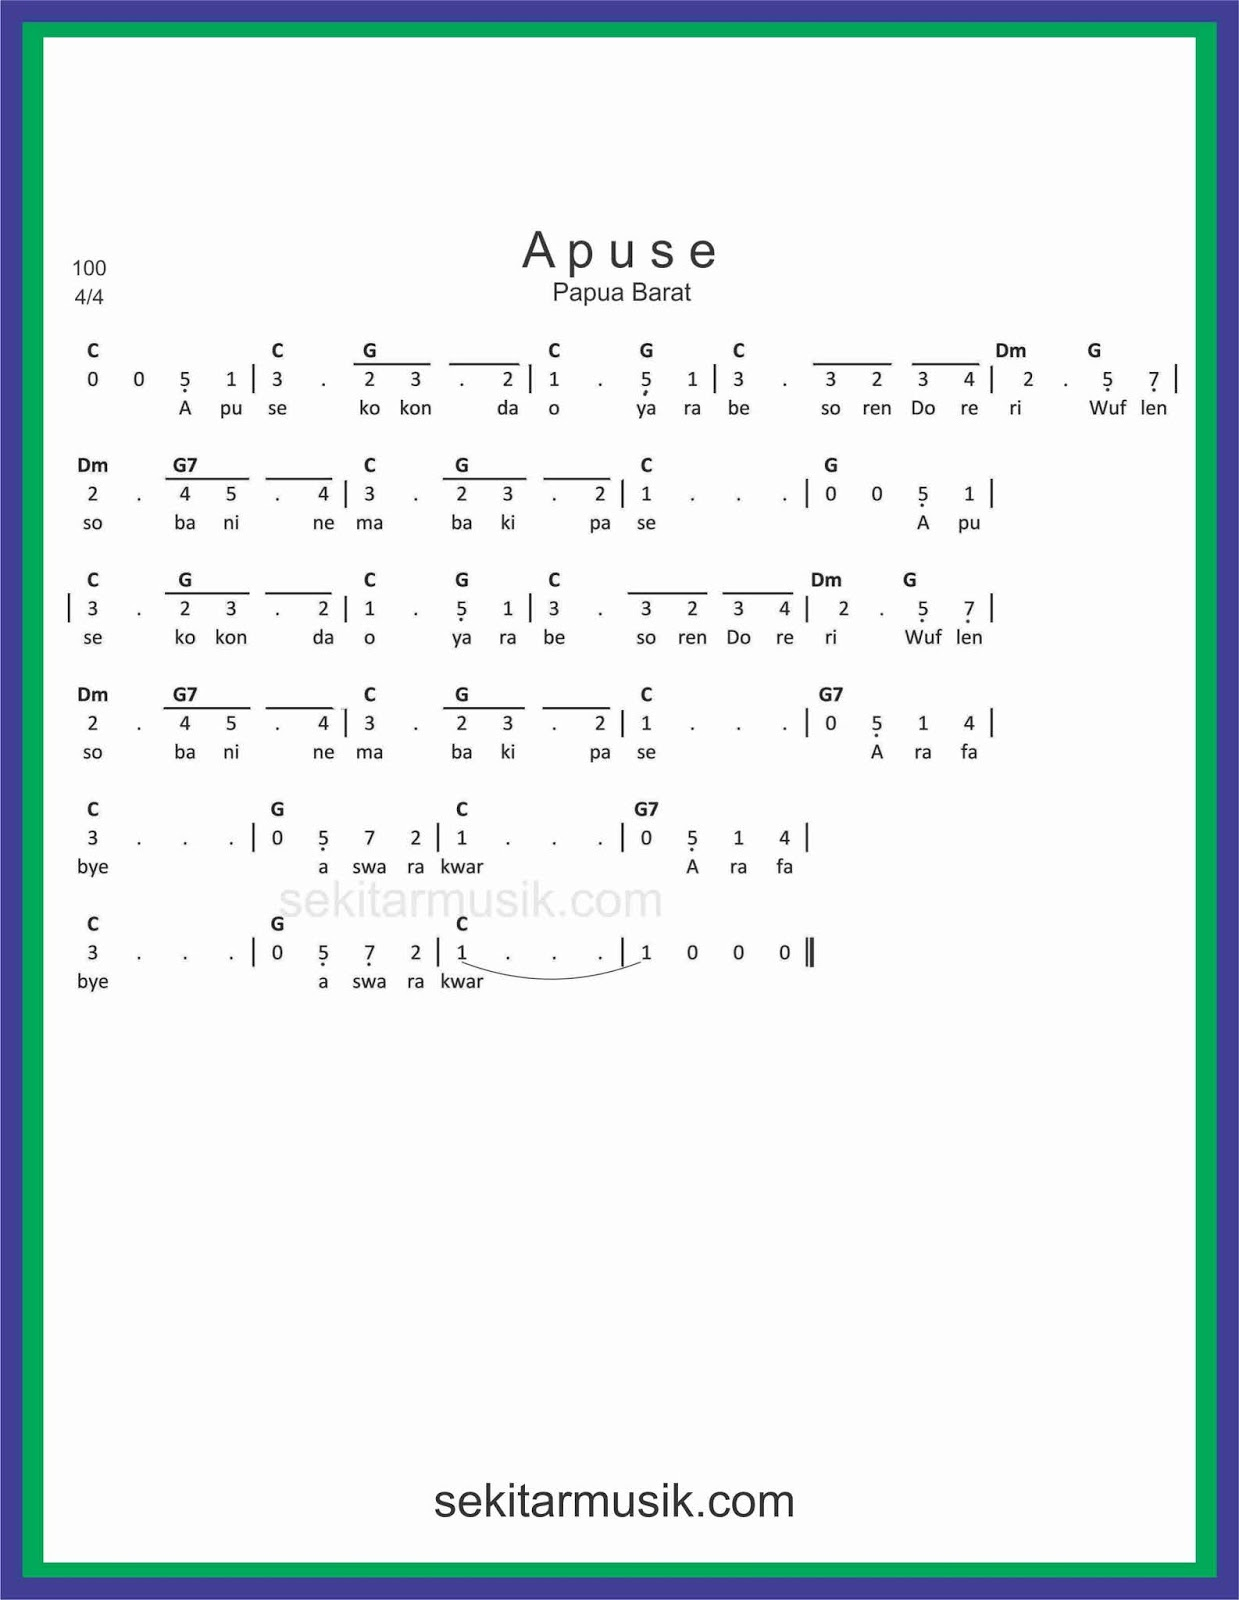 Lirik Lagu Apuse Dan Artinya : lirik, apuse, artinya, Angka, Apuse, SEKITAR, MUSIK